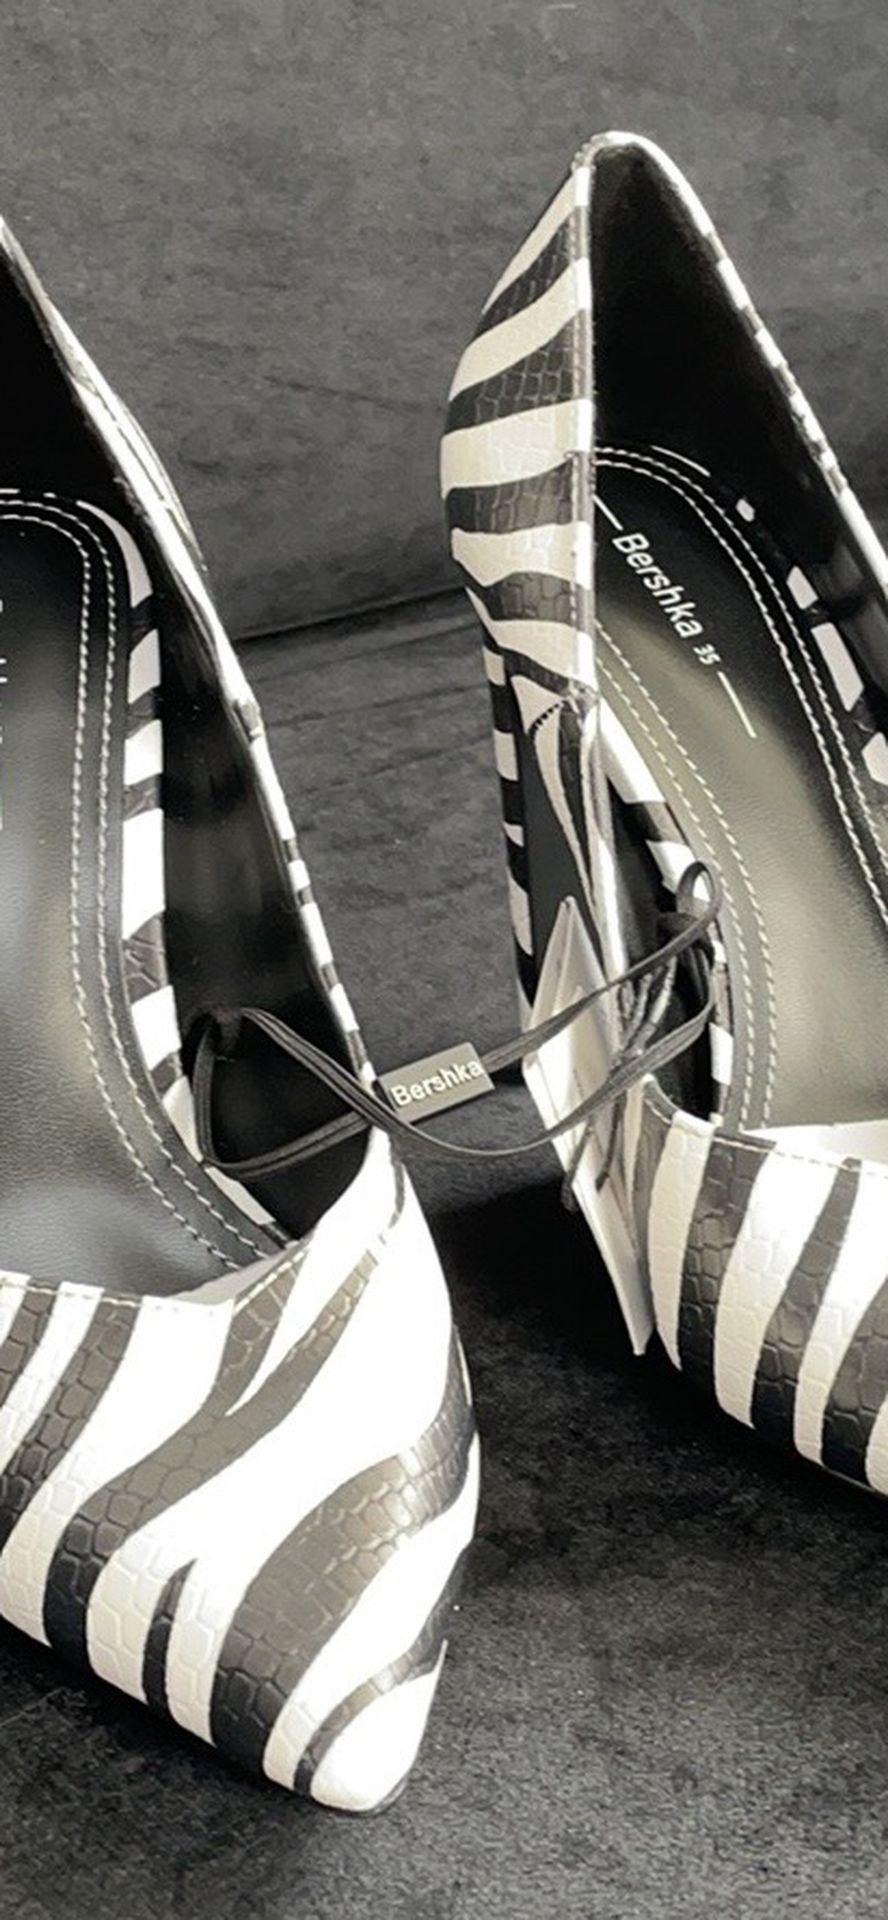 Animal print high-heel shoes